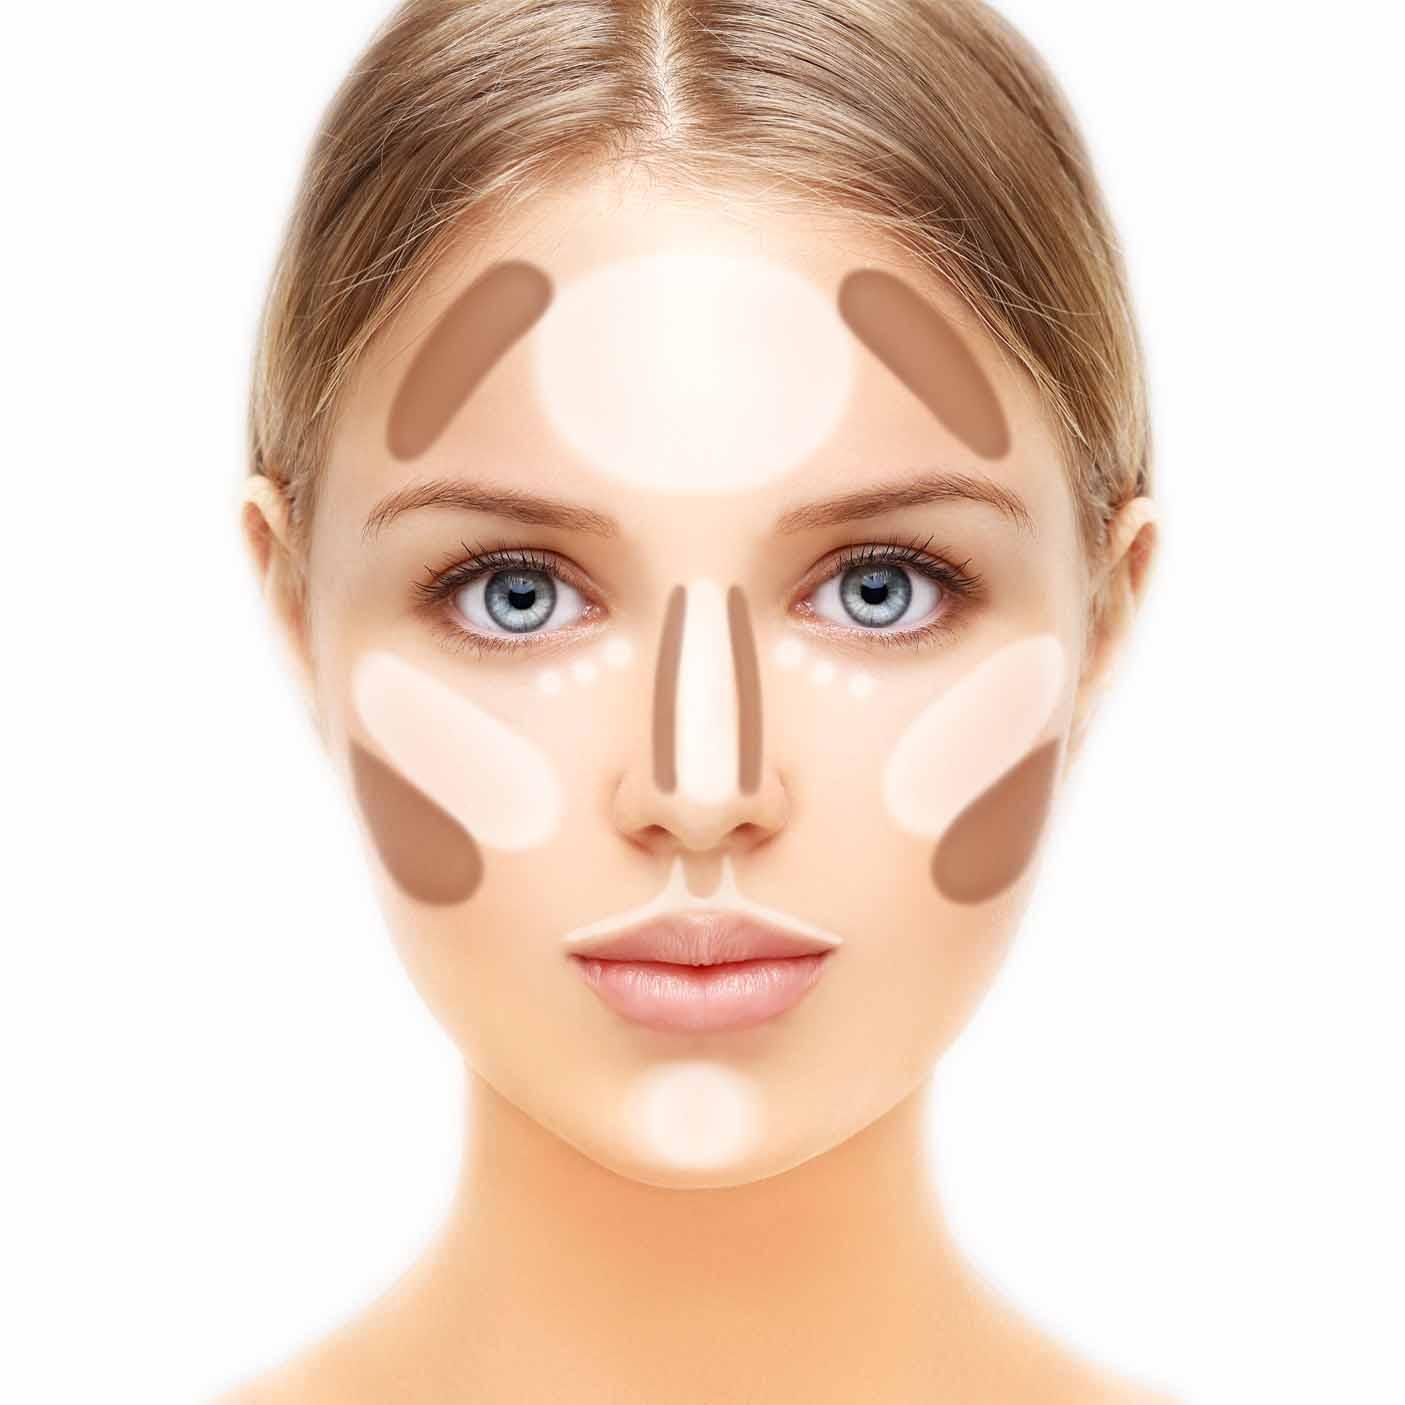 Frau mit dunklen und hellen Kreisen auf dem Gesicht, um zu zeigen, wo man welche Make-Up Farbe aufträgt